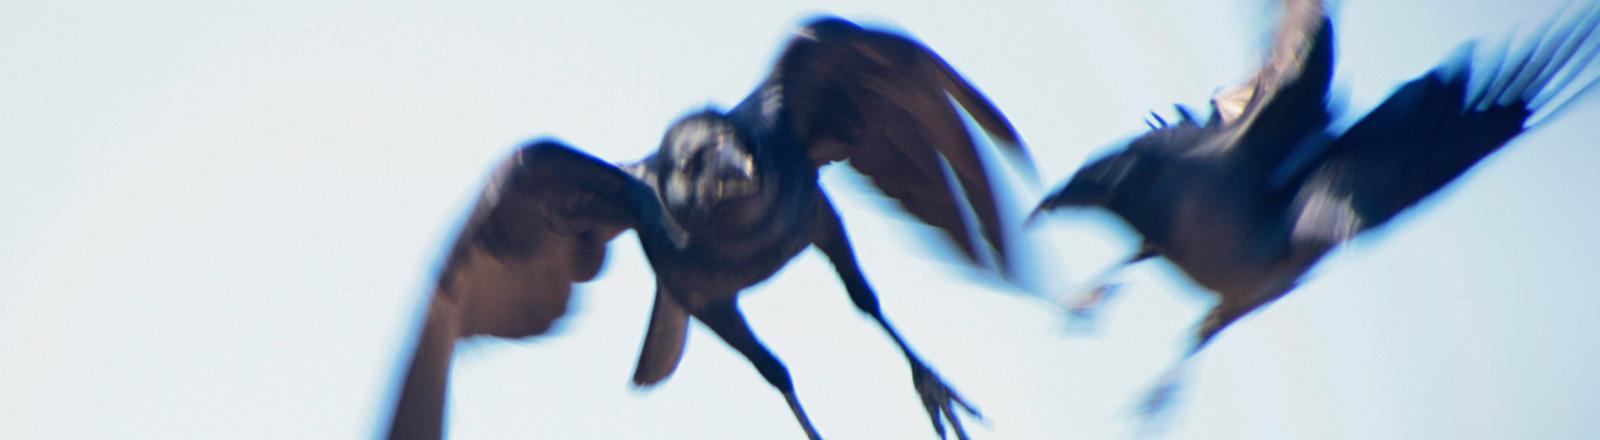 Zwei schwarze Vögel greifen sich in der Luft gegenseitig an.